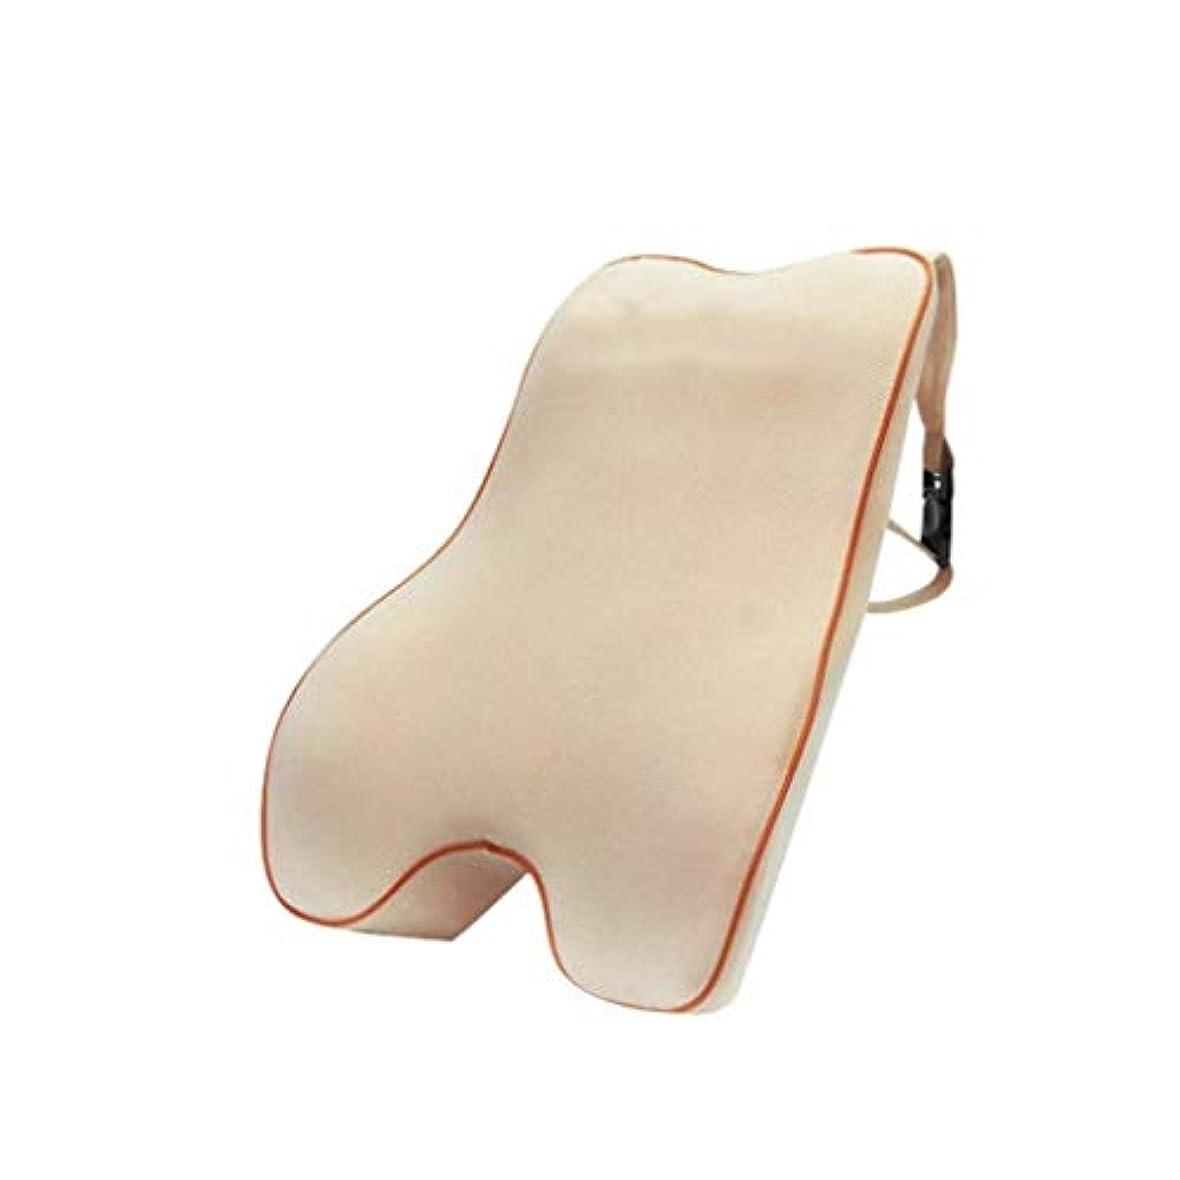 グレートバリアリーフ時制昆虫腰椎枕 - 100%低反発腰椎クッション - ポータブル枕 - 整形外科用ウエストサポート枕 - 車のオフィスチェア - 長距離運転オフィスに適した腰痛緩和